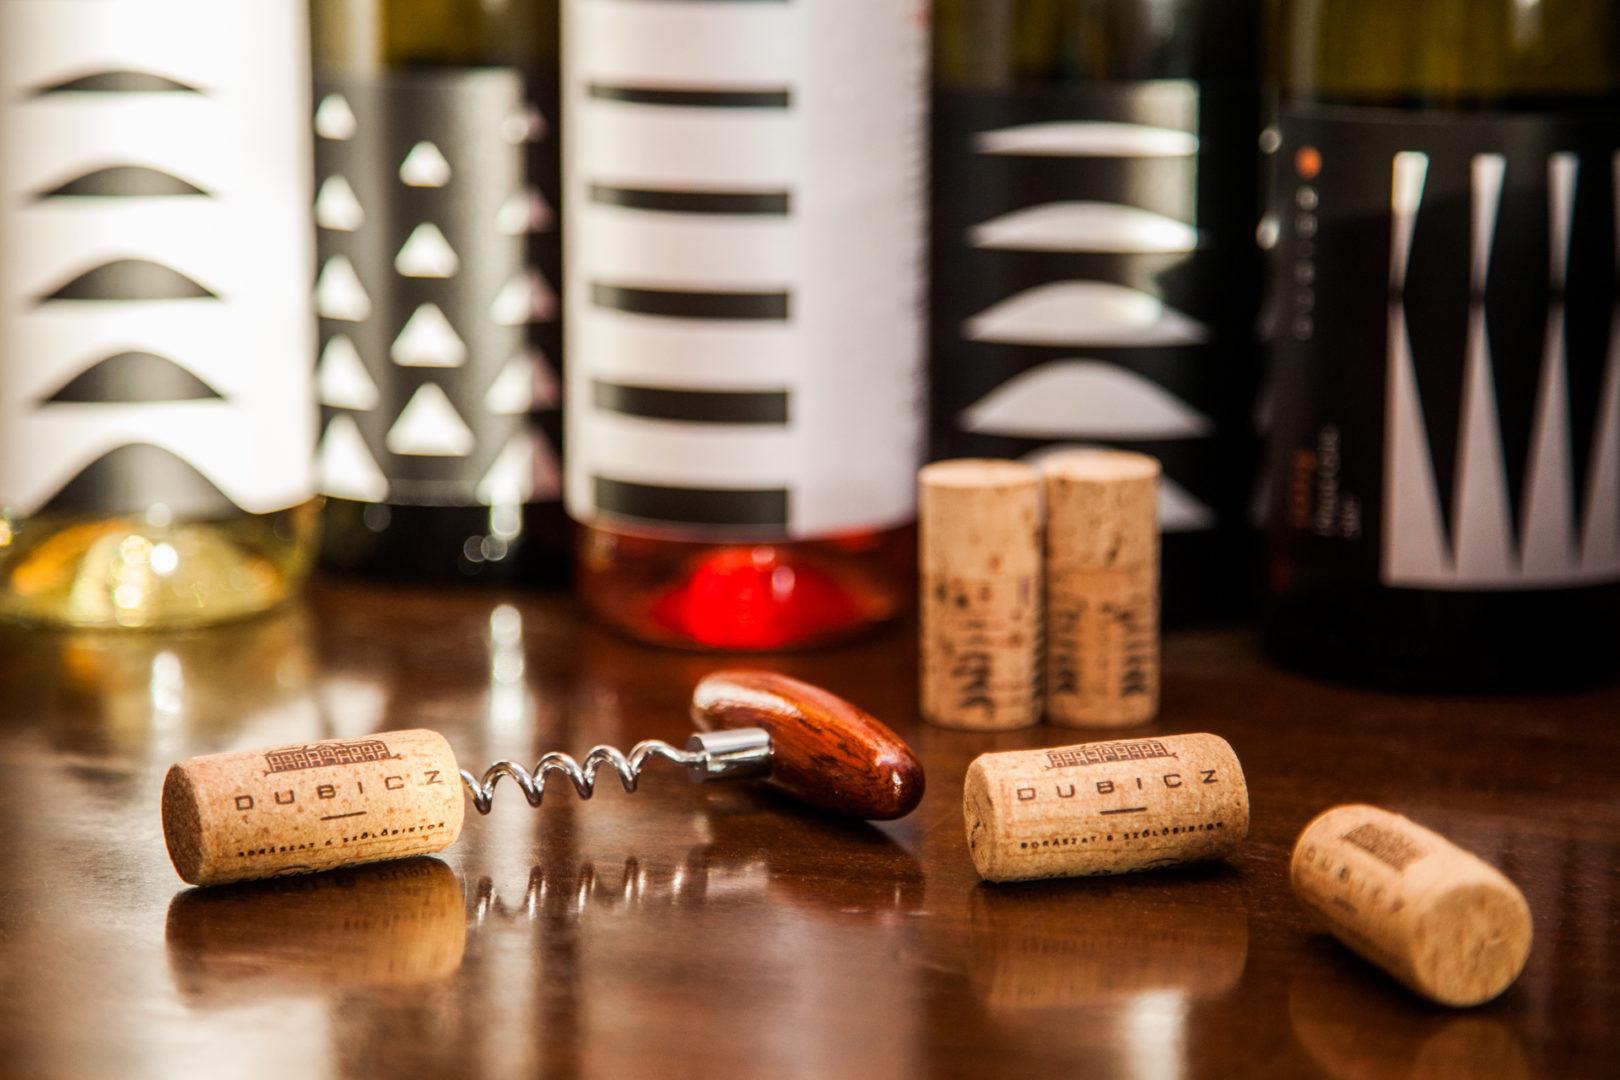 Lelkes borkedvelő vagy sokat látott borszakértő vagy? – Teszteld magad!